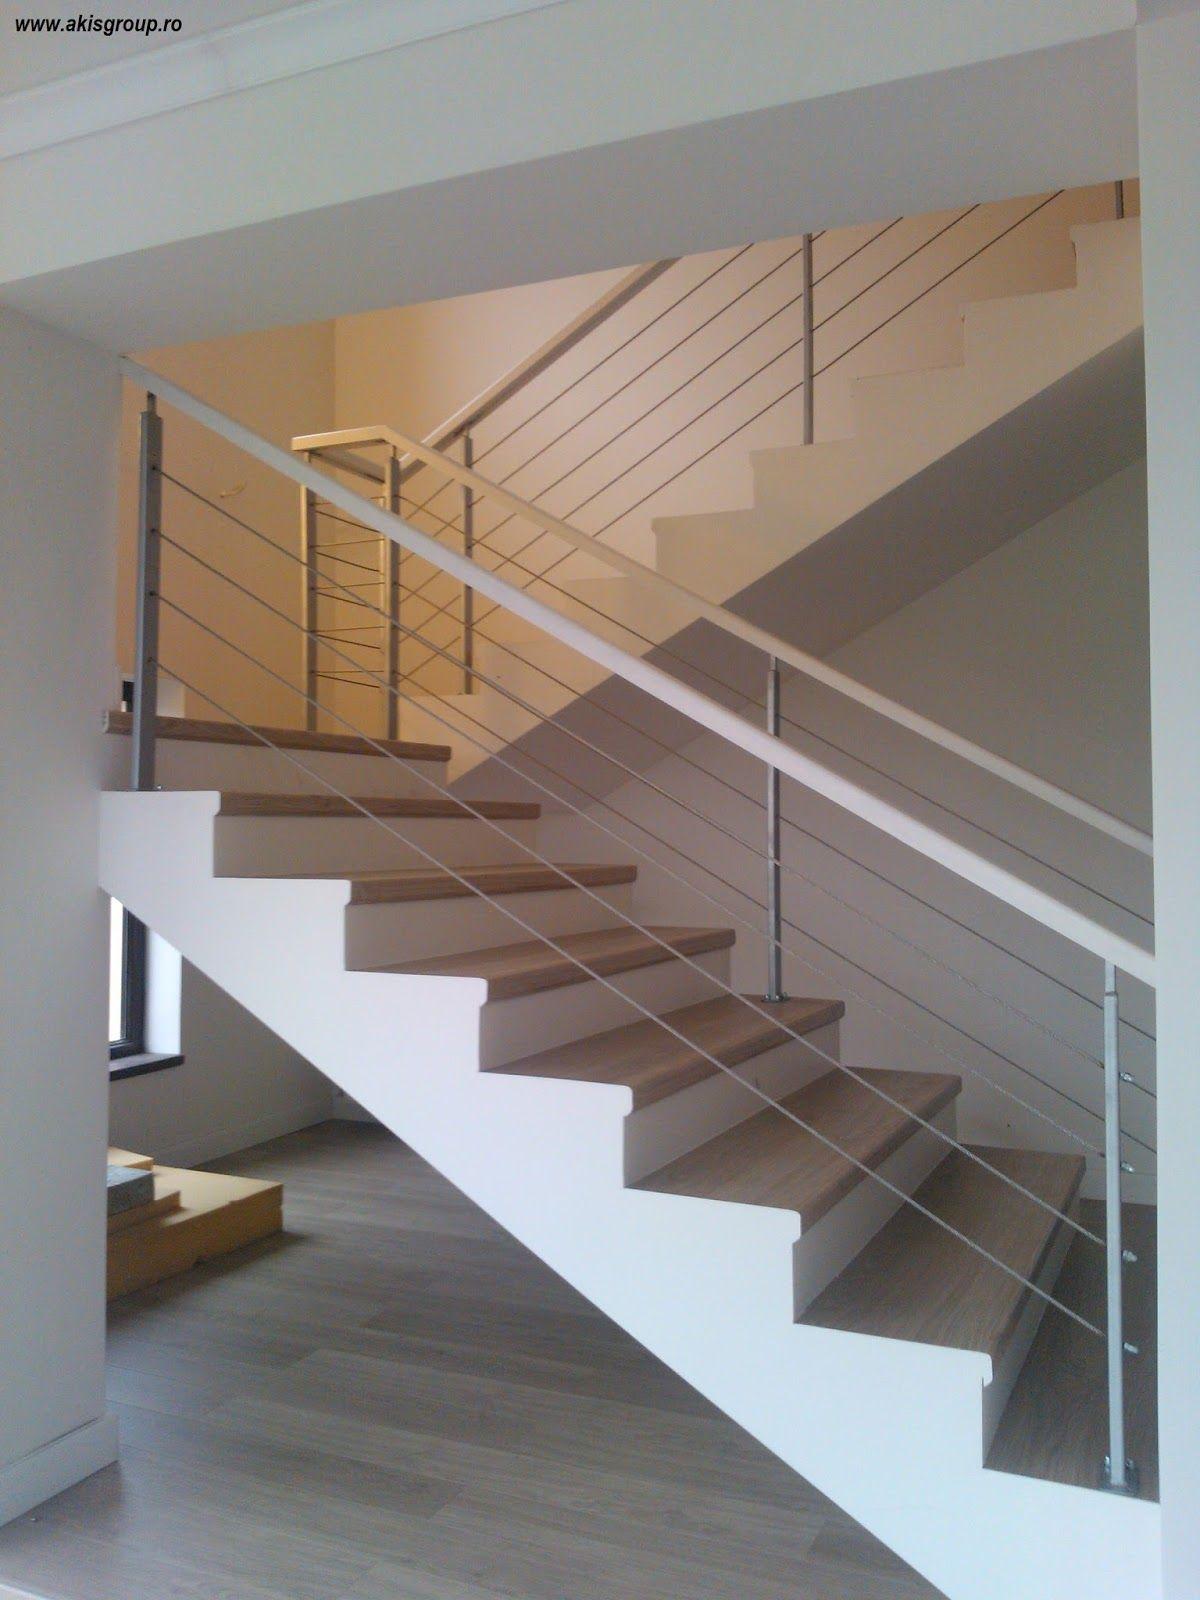 treppengel nder innen holz modern treppengel nder aus. Black Bedroom Furniture Sets. Home Design Ideas